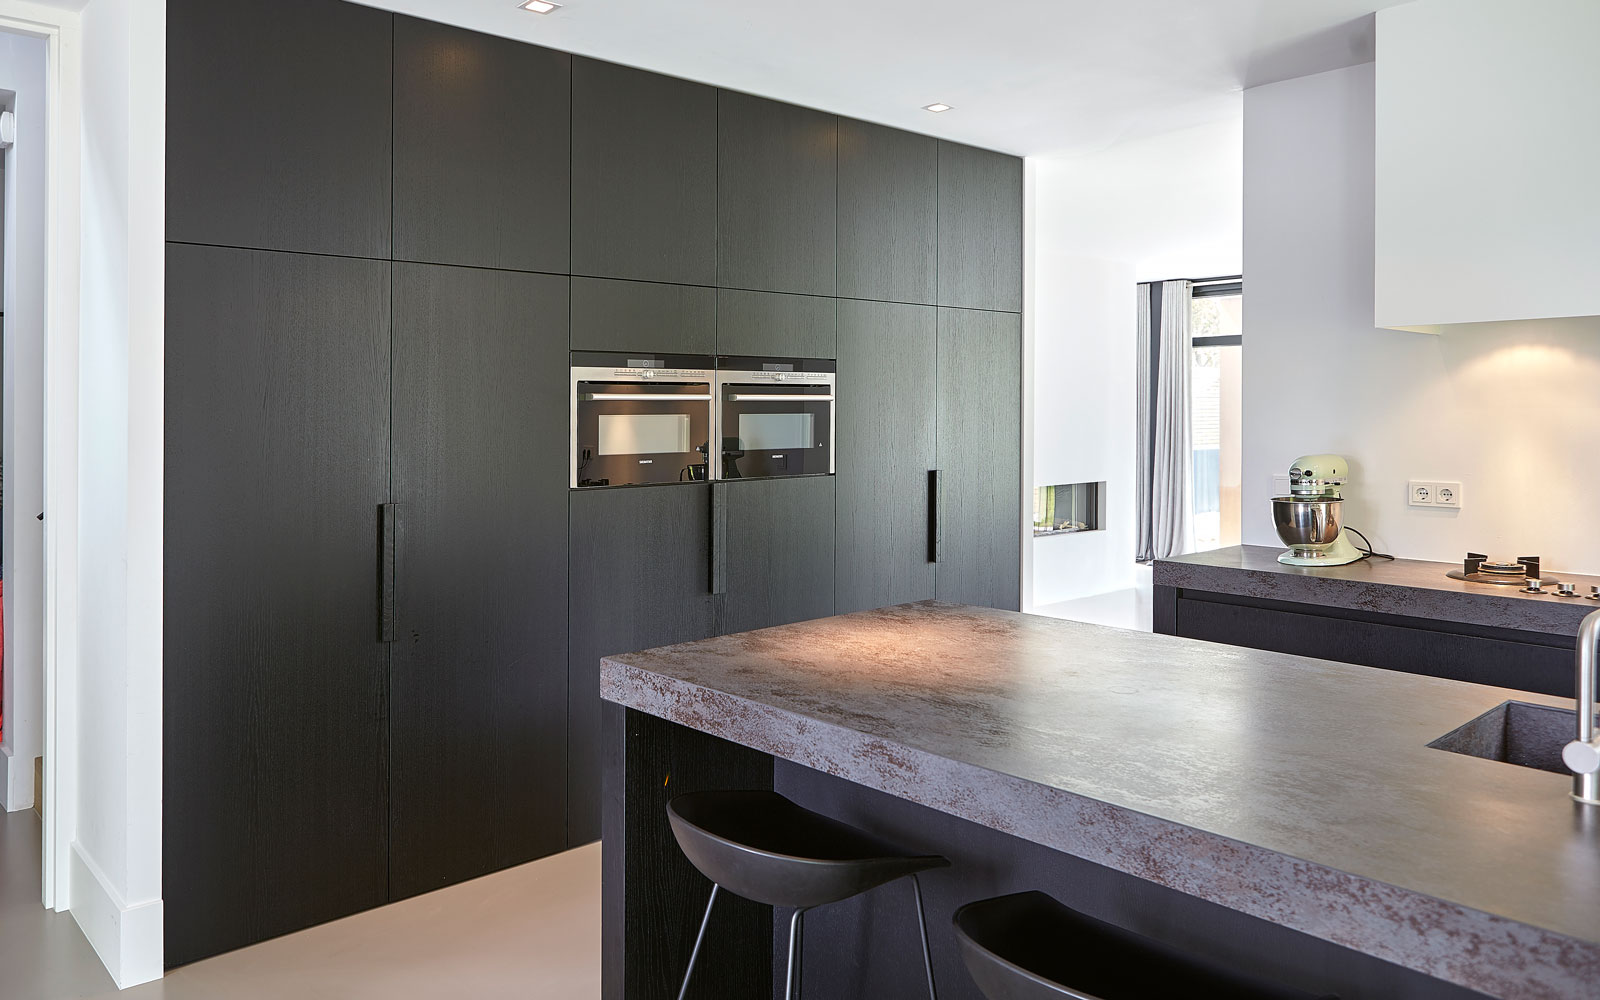 Keuken, marmer, gietvloer, maatwerk kasten, donkere kleuren, tijdloos en minimalistisch, Marco van Veldhuizen